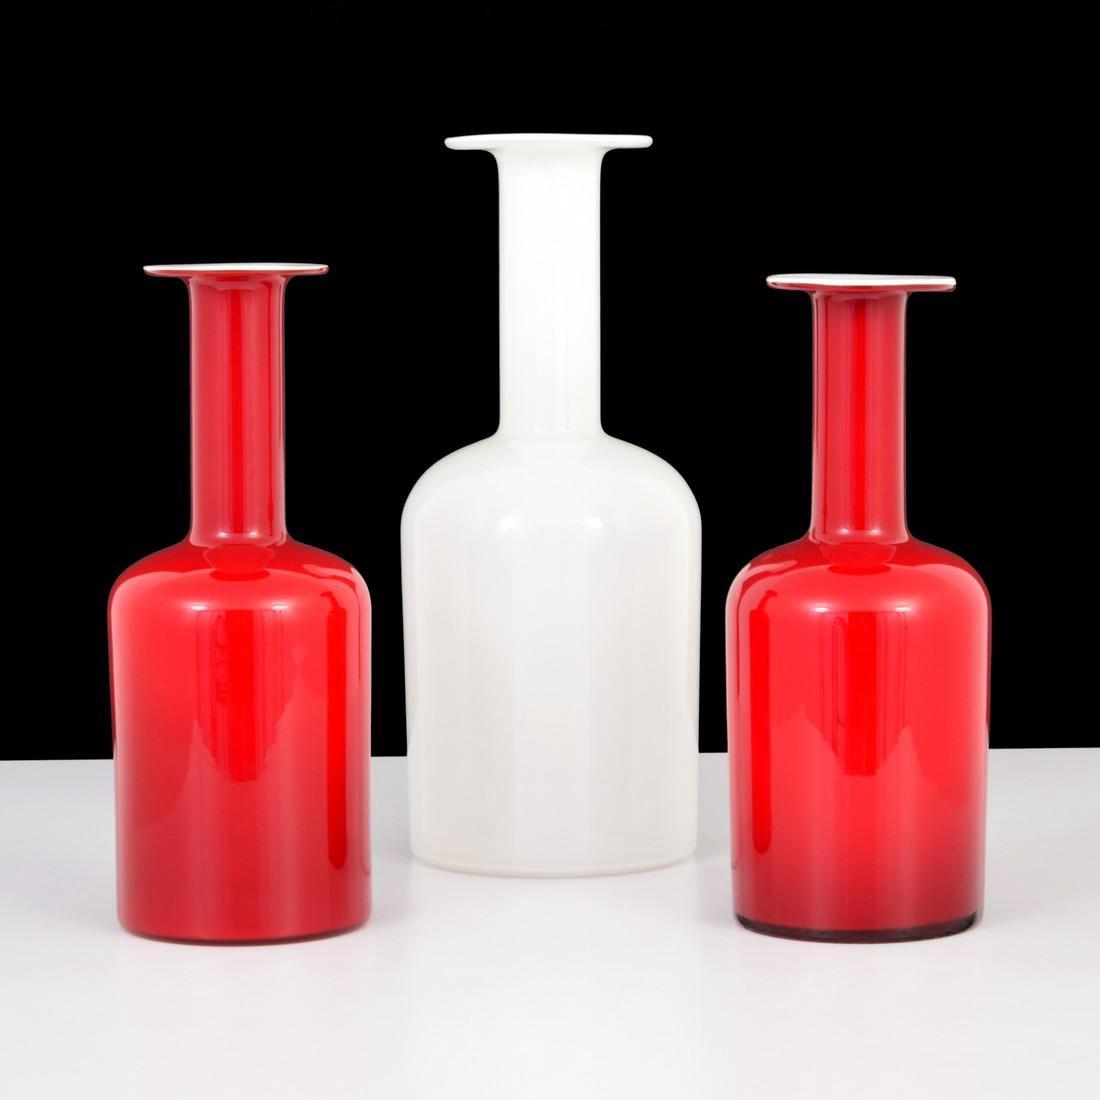 Otto Brauer GULVASE Vases, Set of 3 - 8